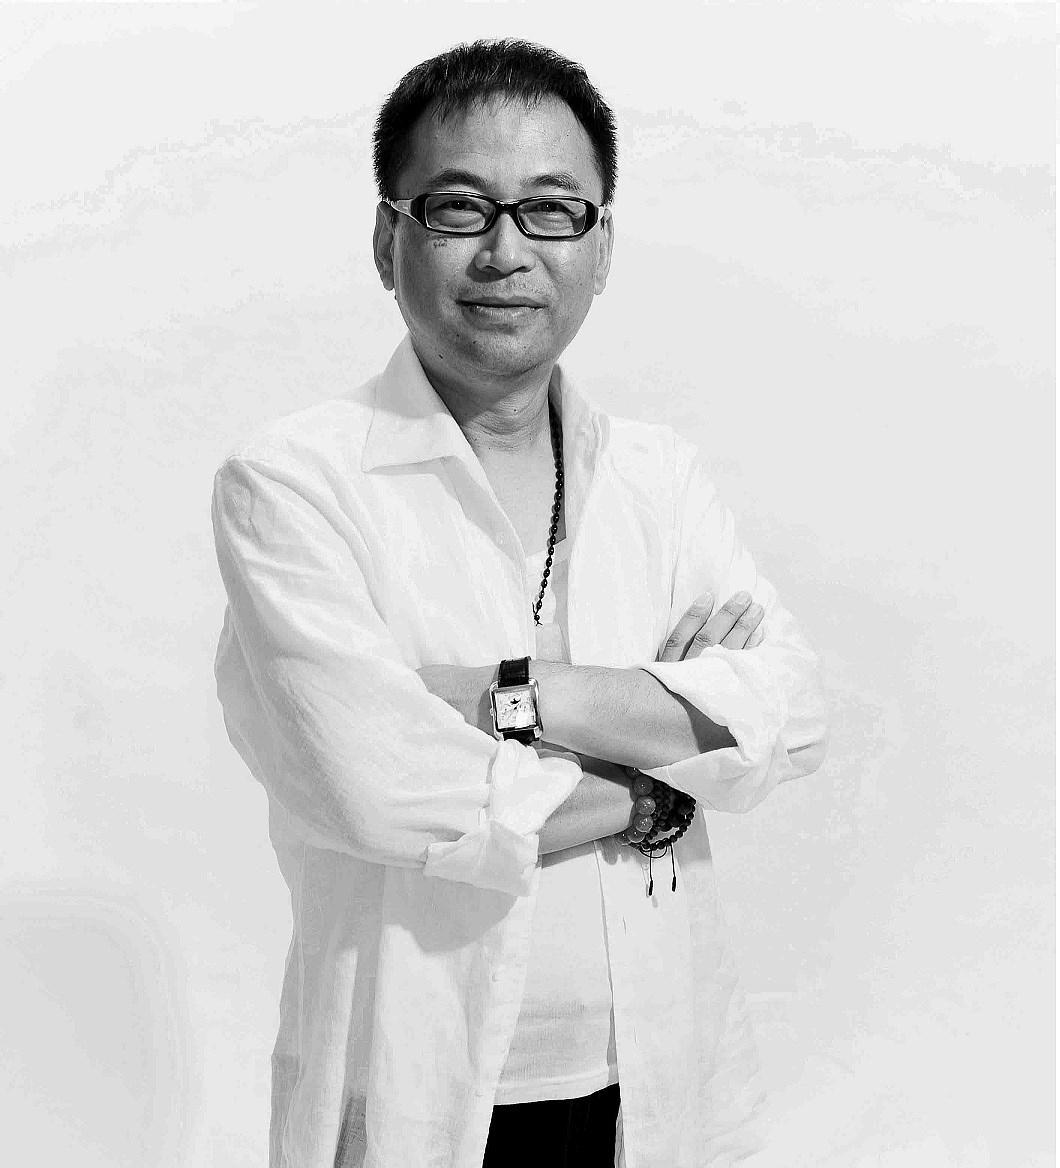 劉世堯 Liu Shiyao